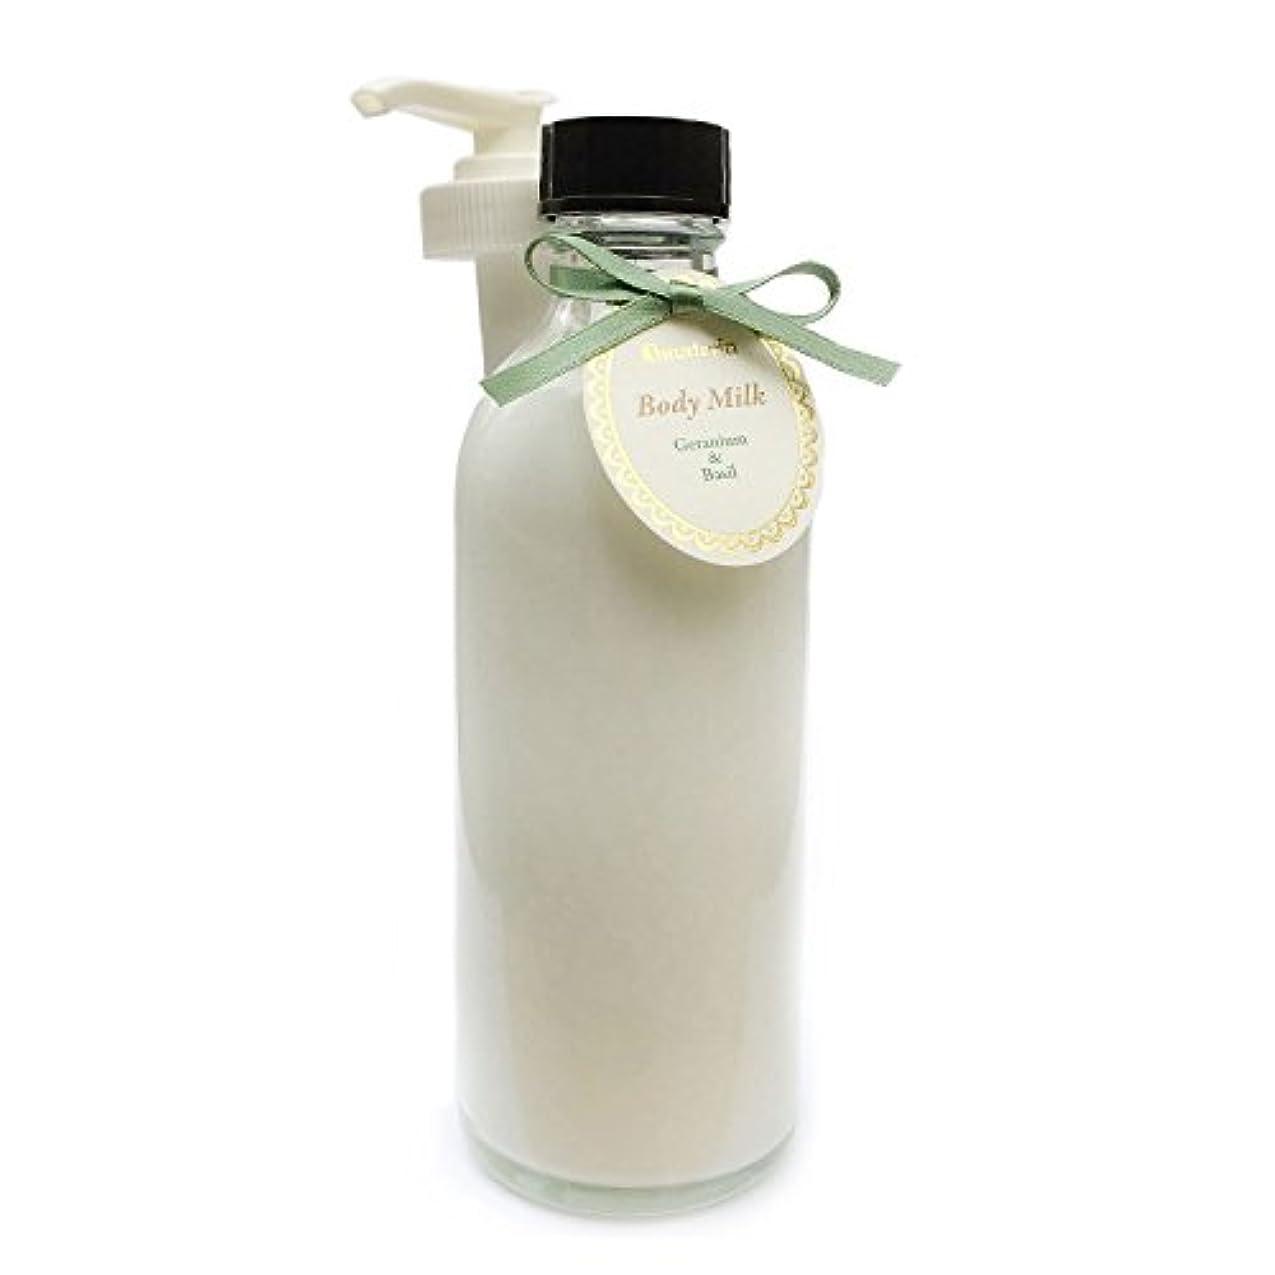 ドナウ川日食獣D materia ボディミルク ゼラニウム&バジル Geranium&Basil Body Milk ディーマテリア